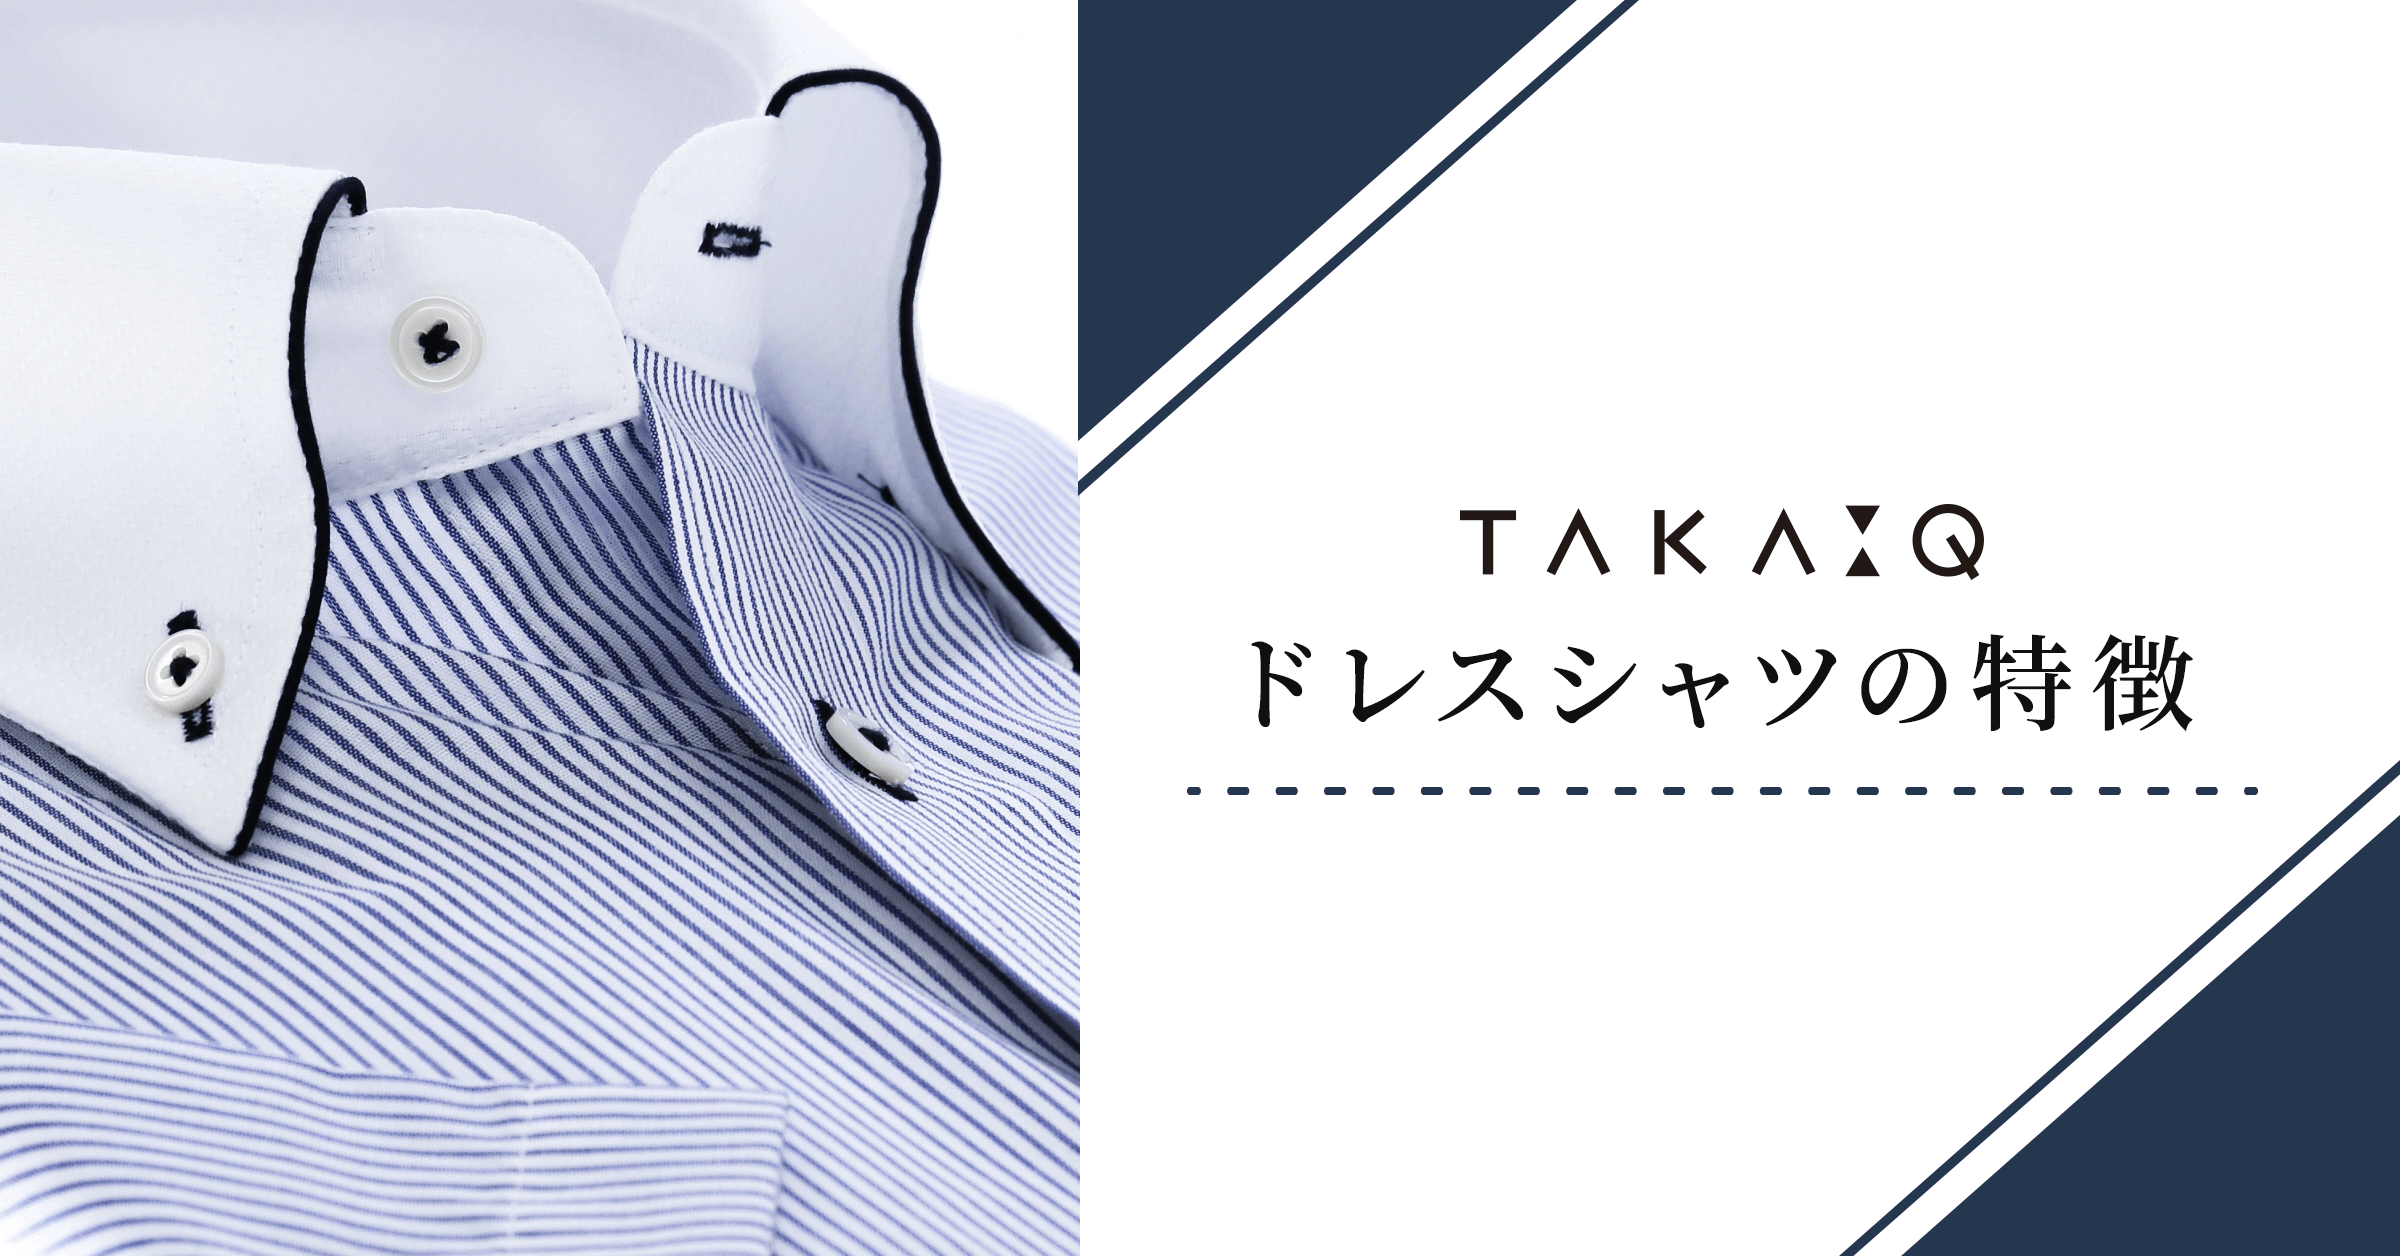 タカキューのドレスシャツの特徴